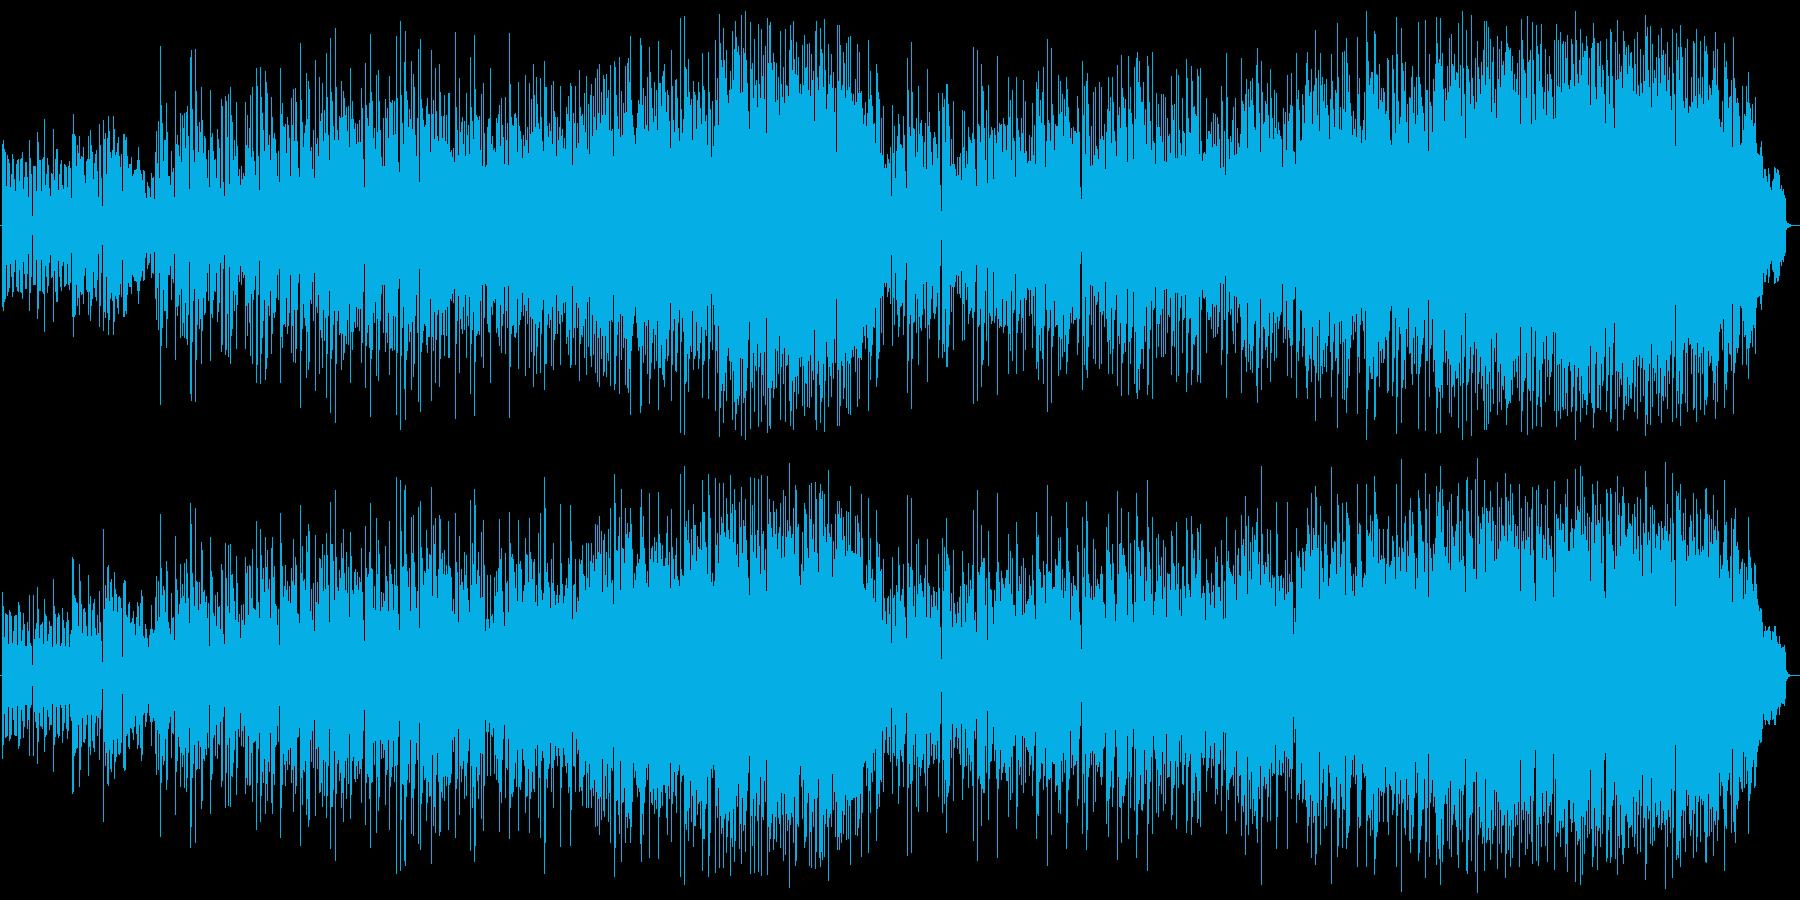 生アコギ+バンド爽やかな季節感の再生済みの波形